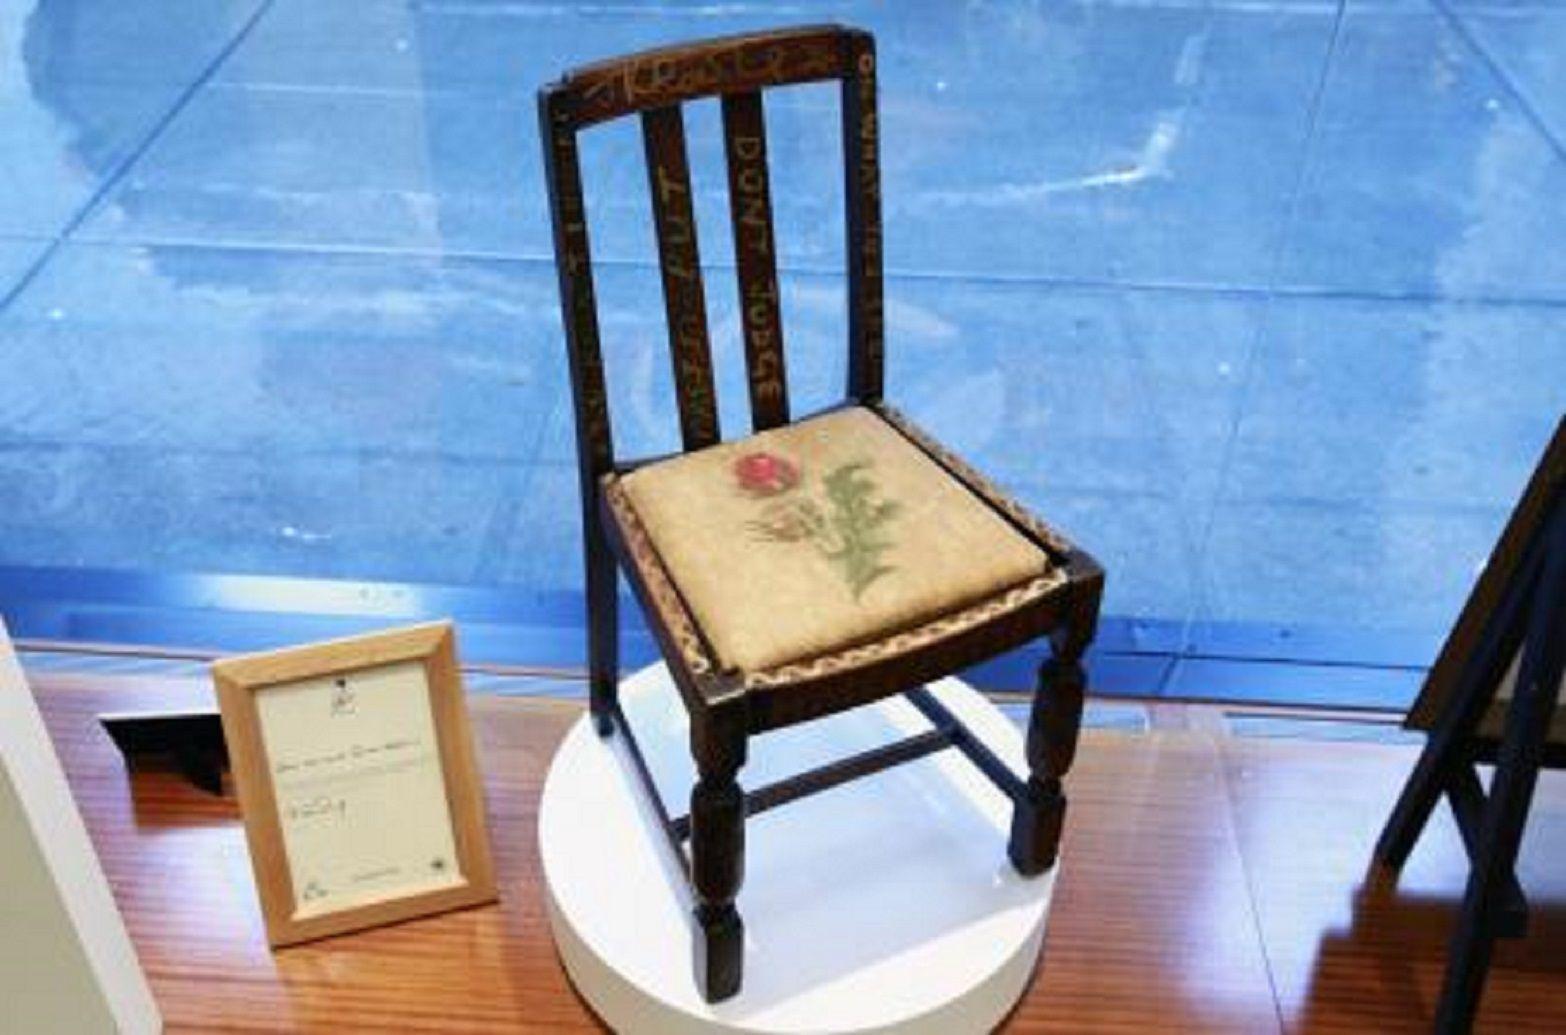 Subastan la silla en la que J.K. Rowling escribió la saga de Harry Potter